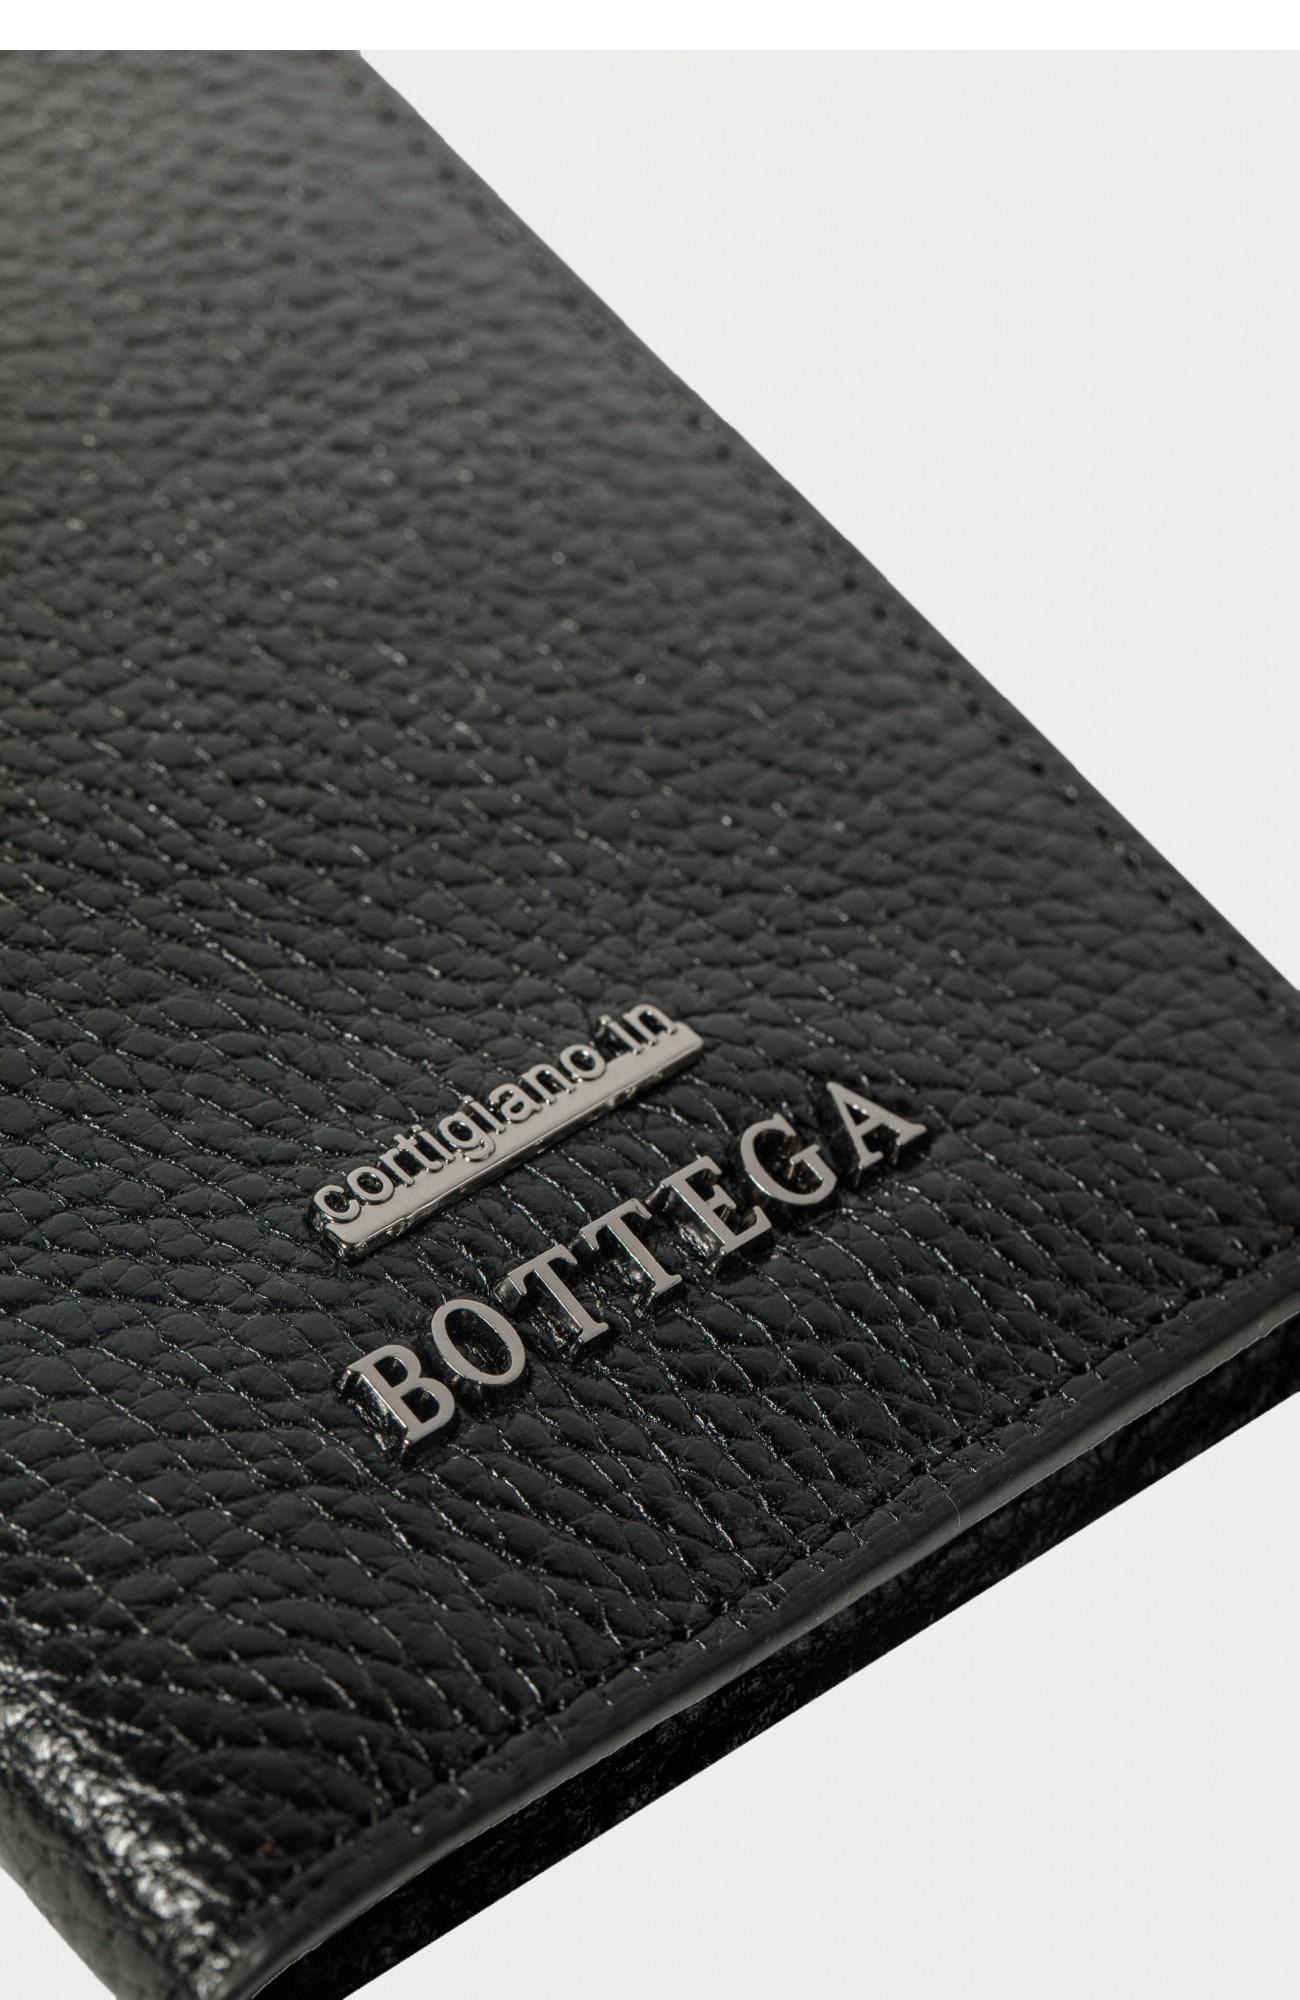 Гаманець Cortigiano in Bottega